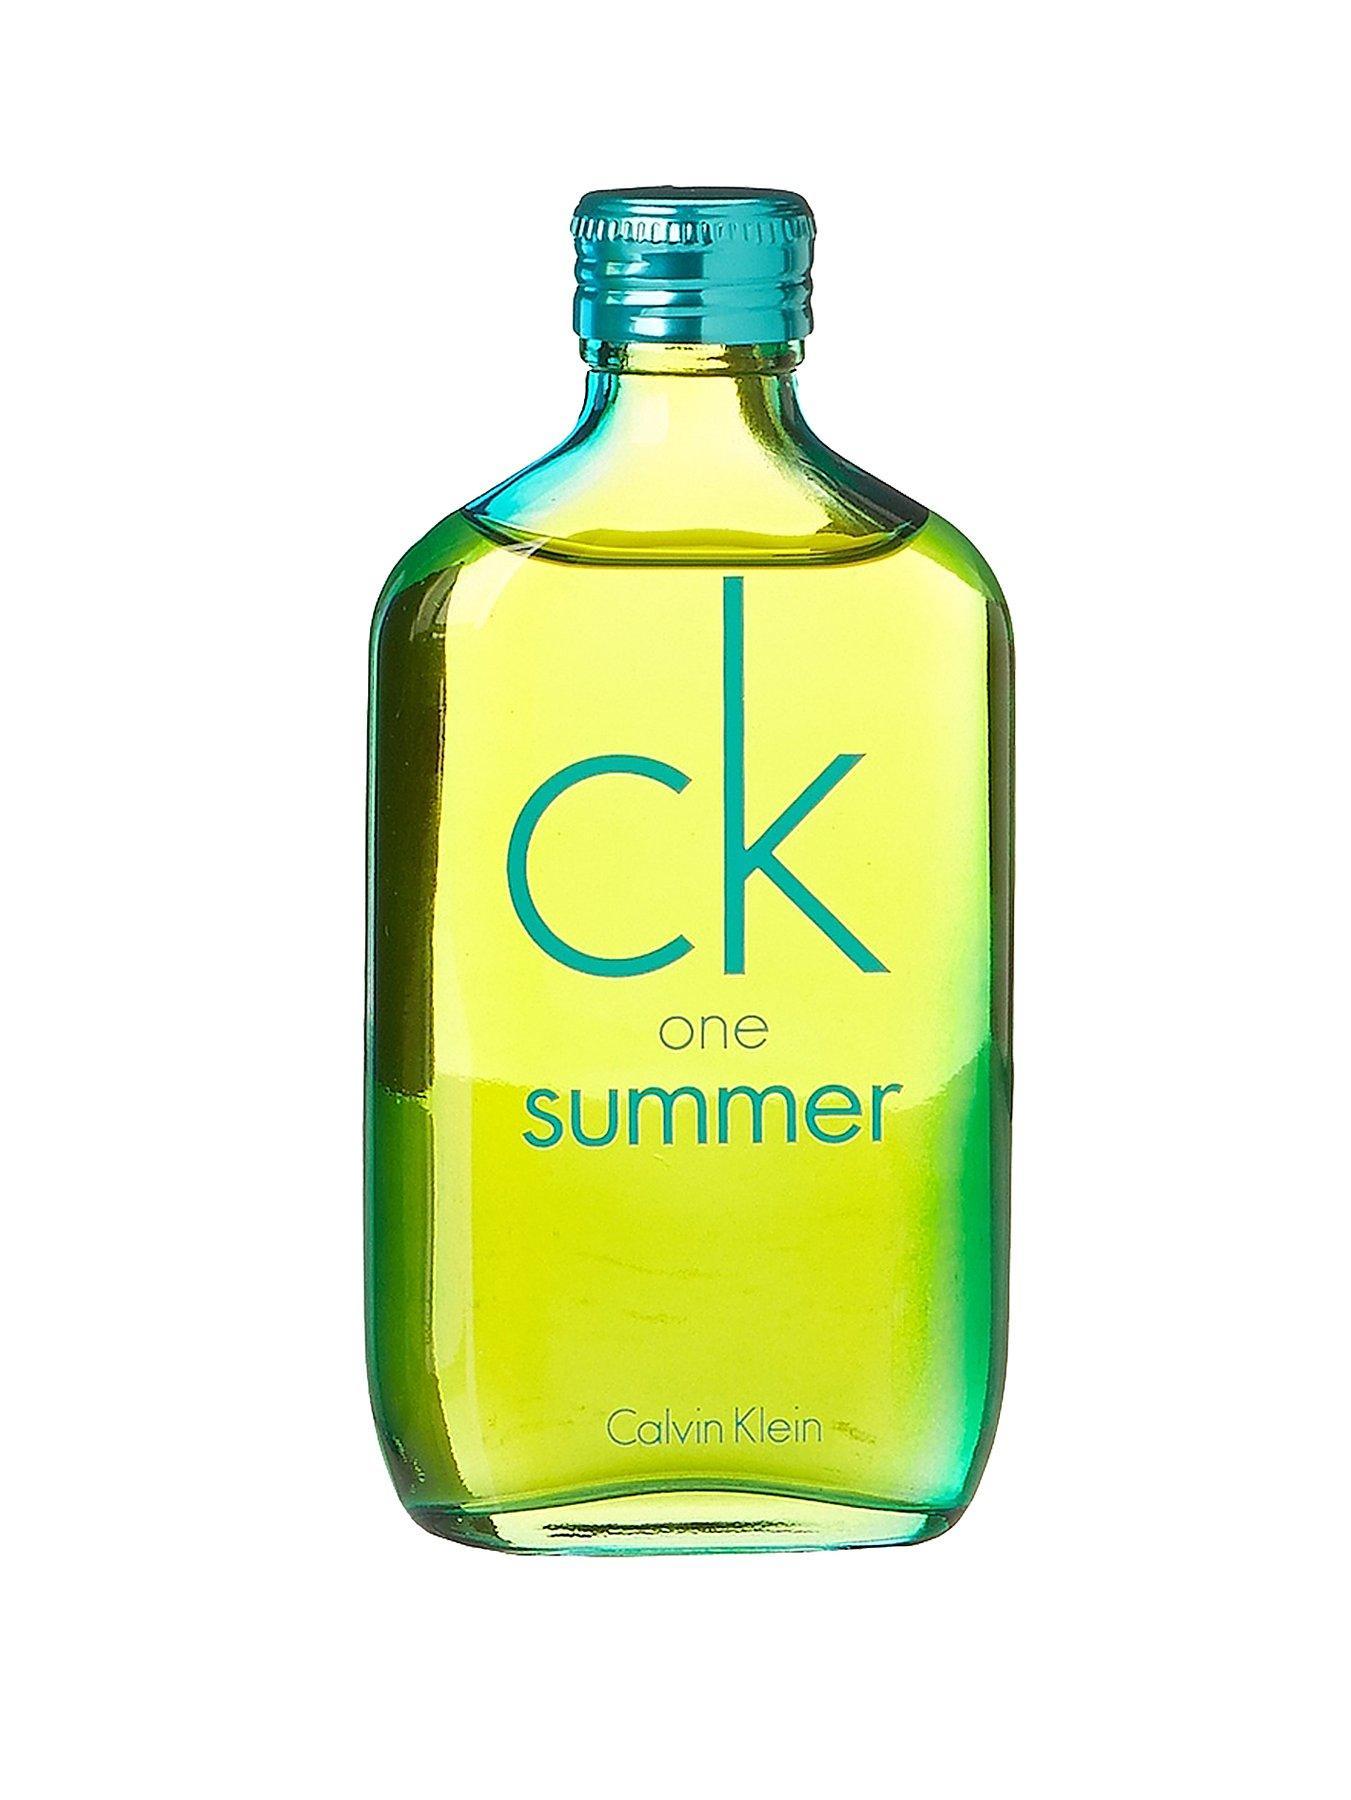 CK1 Summer 100ml EDT